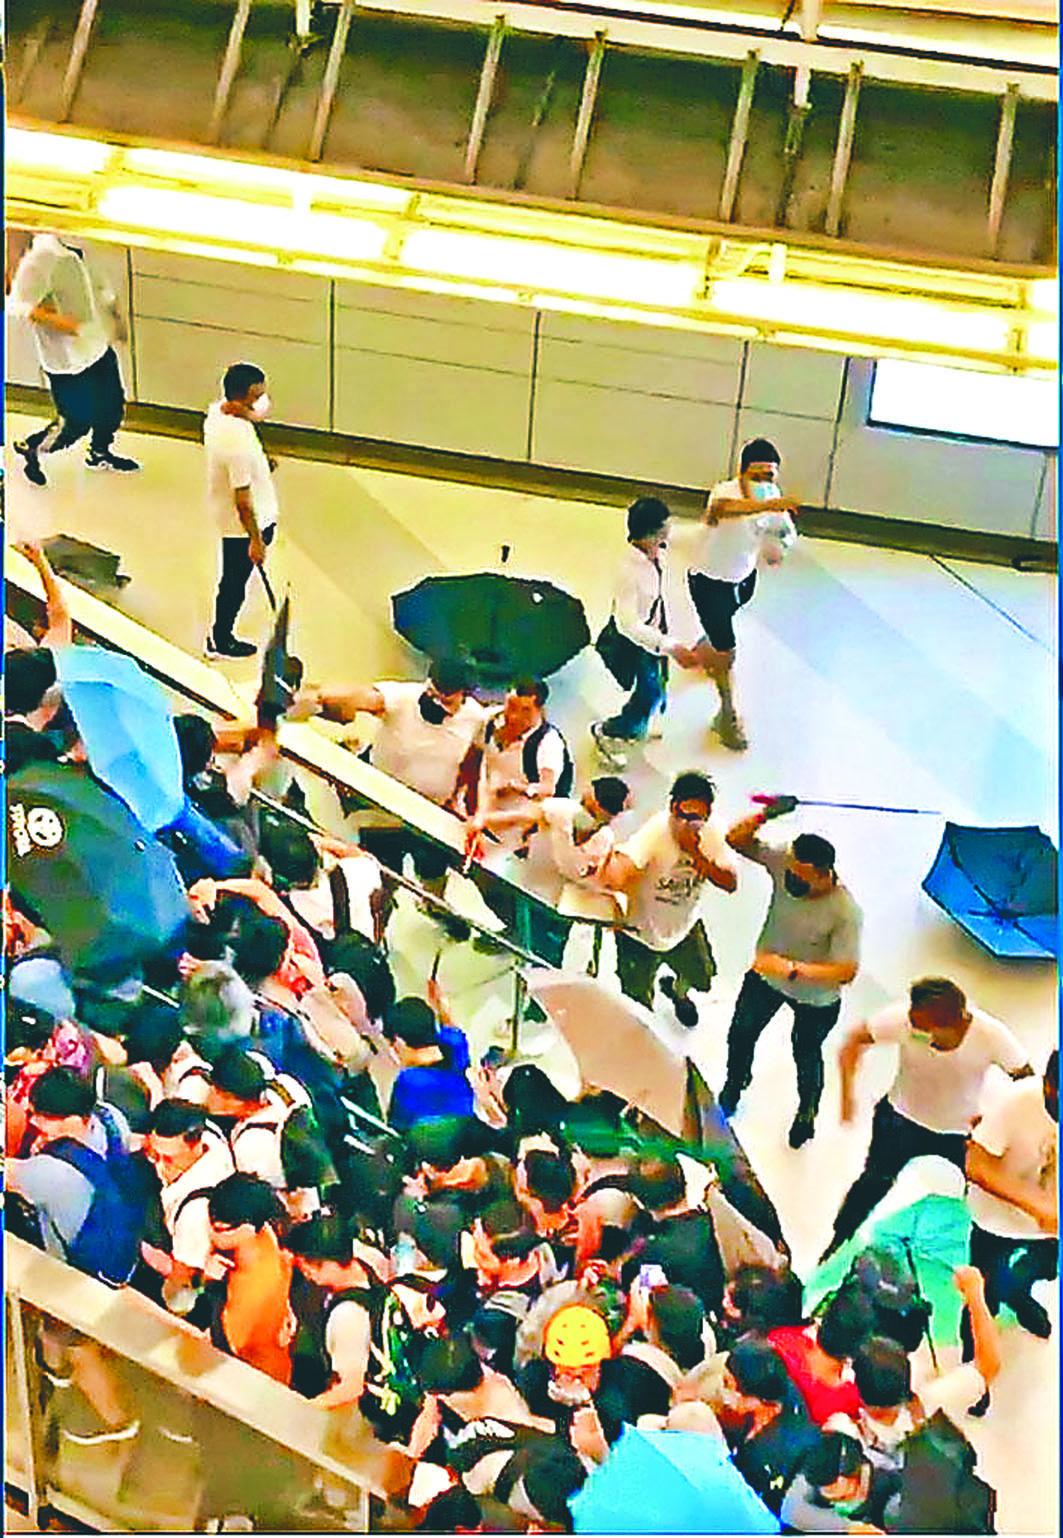 一批白衣人在西铁元朗站袭击市民。网上图片